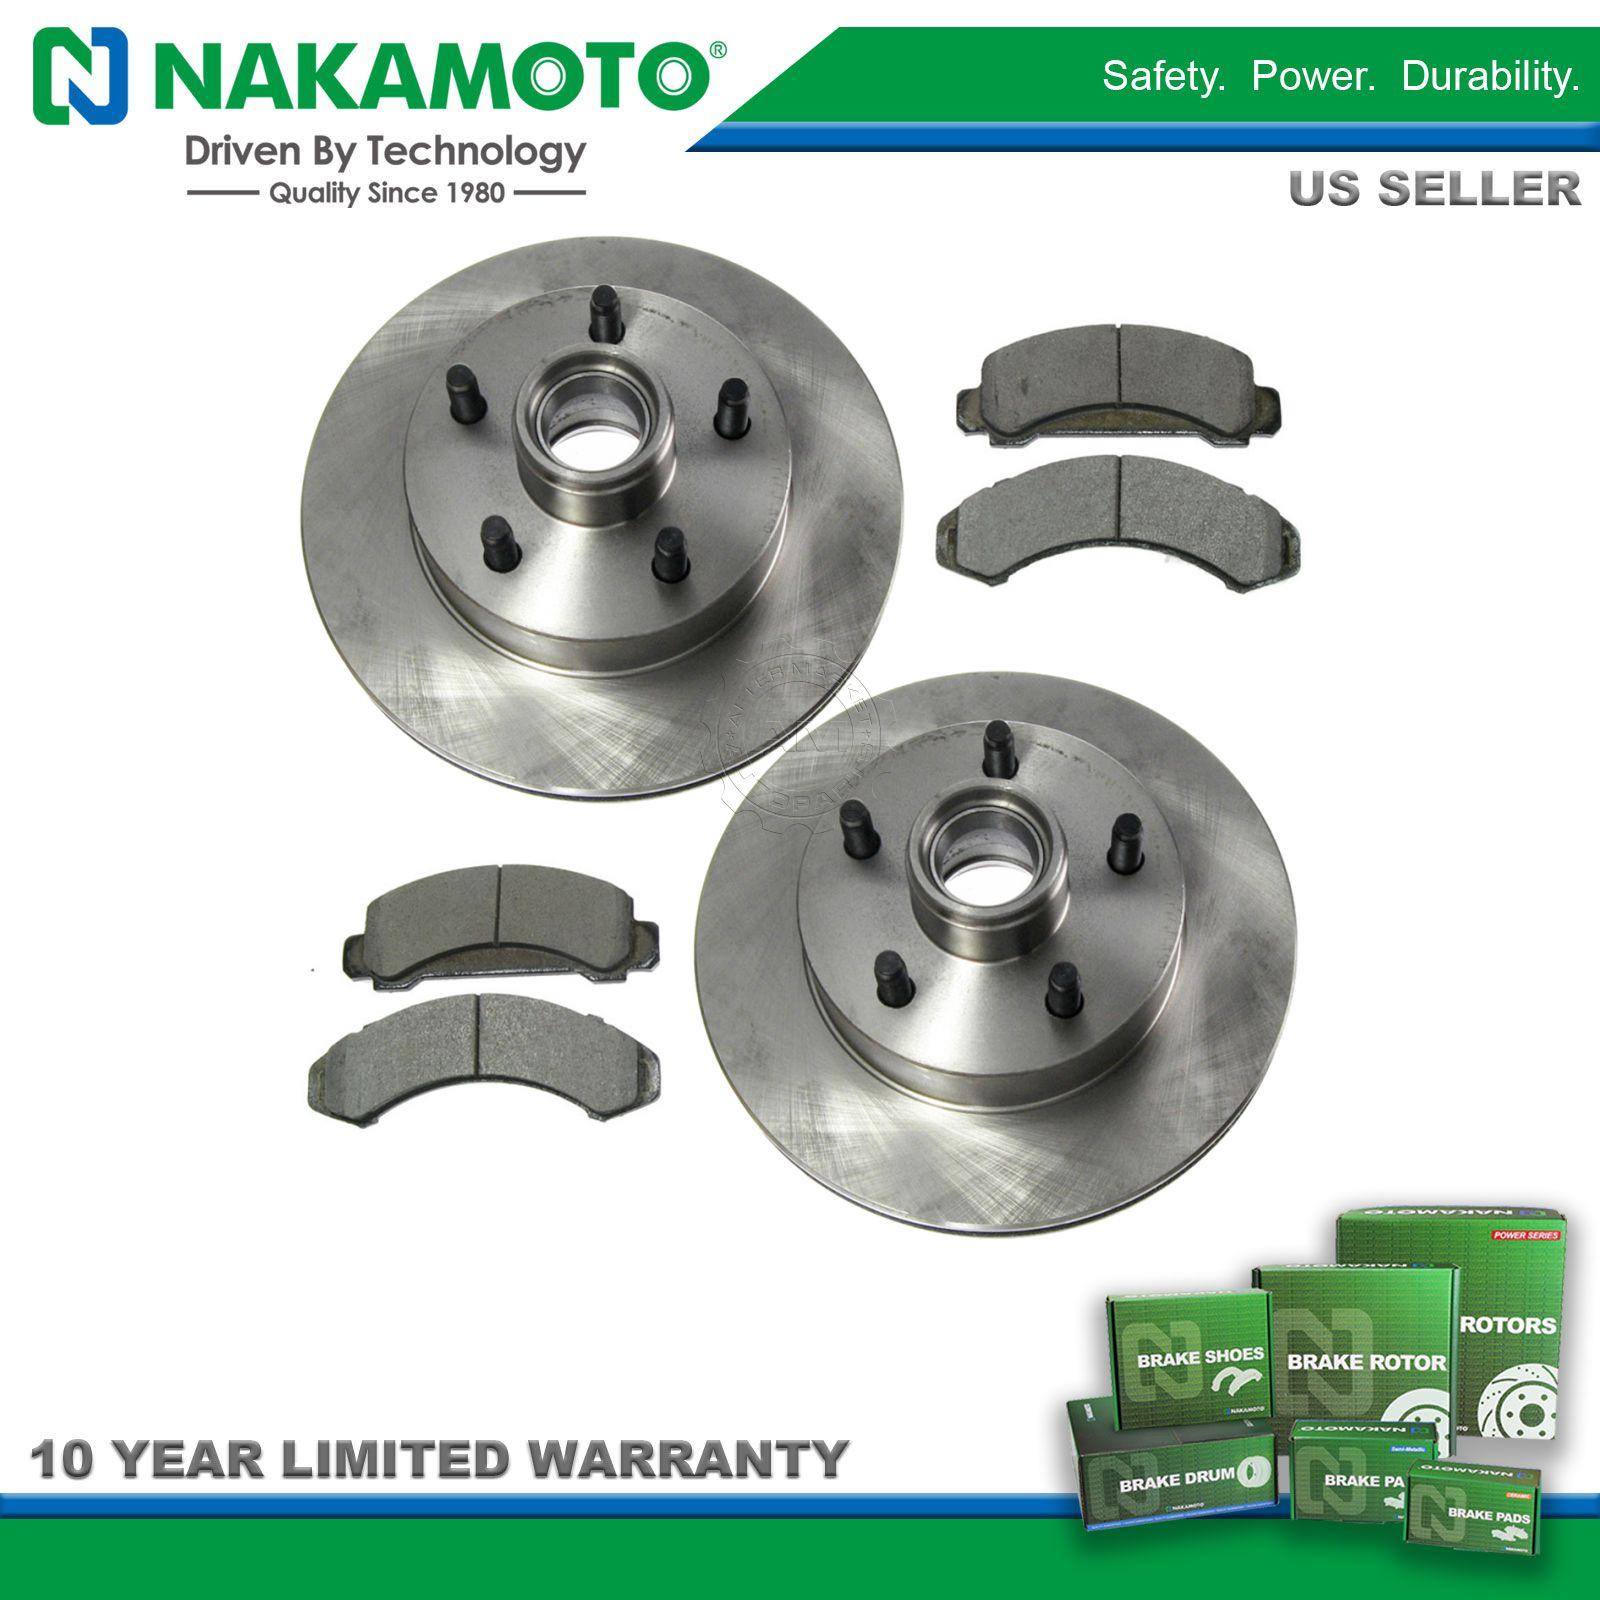 Nakamoto Front Ceramic Brake Pad & Rotor Kit Set for Ford Mazda Pickup Truck Van